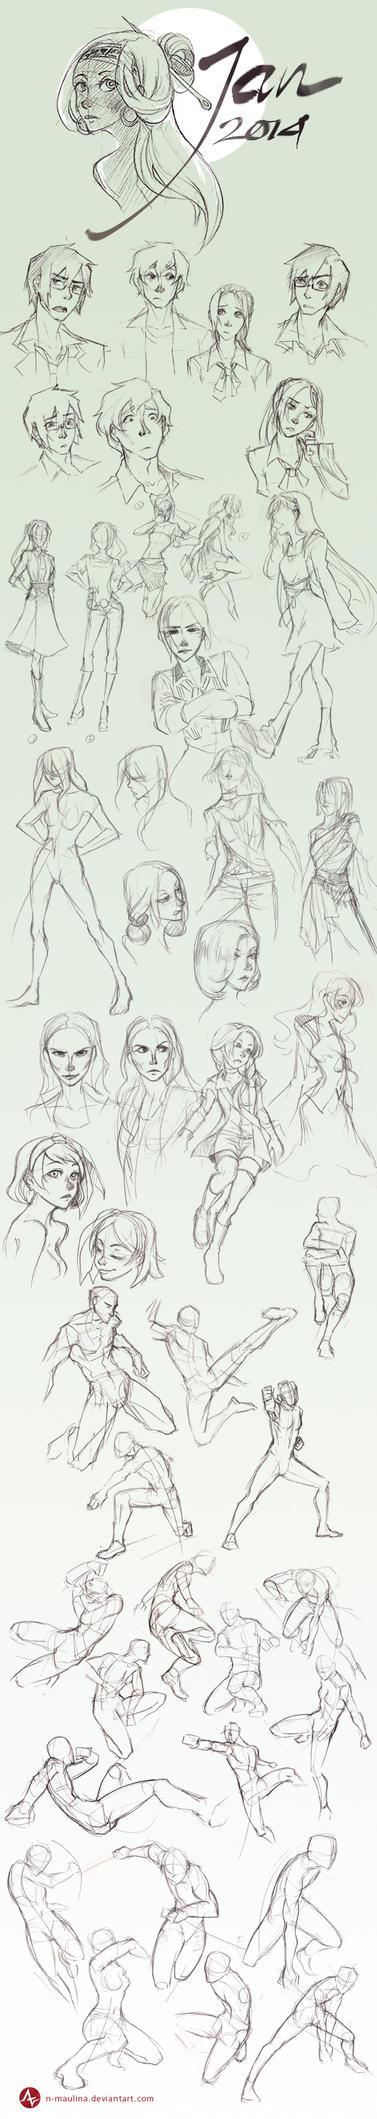 Sketchbook - Jan 2014 by N-Maulina